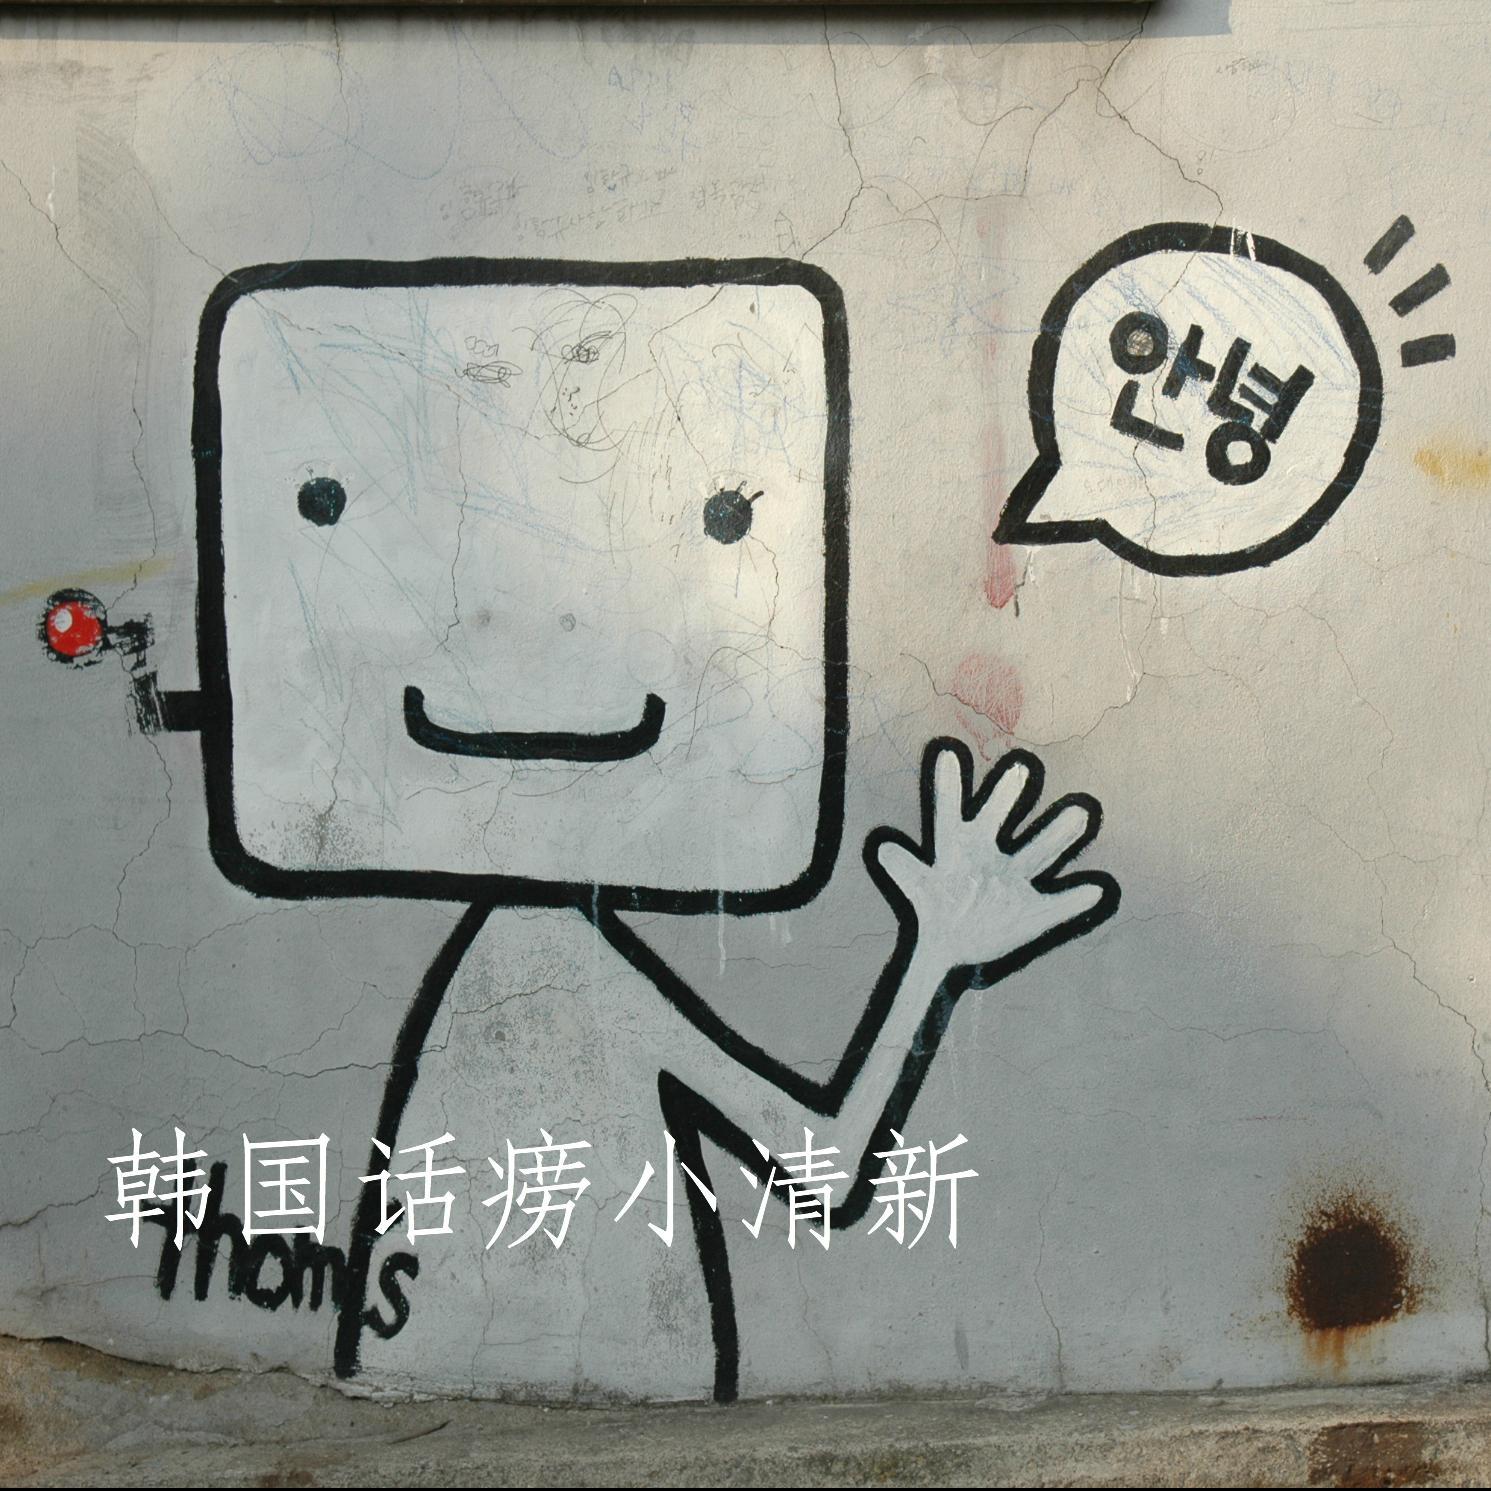 <![CDATA[韩国话痨小清新]]>